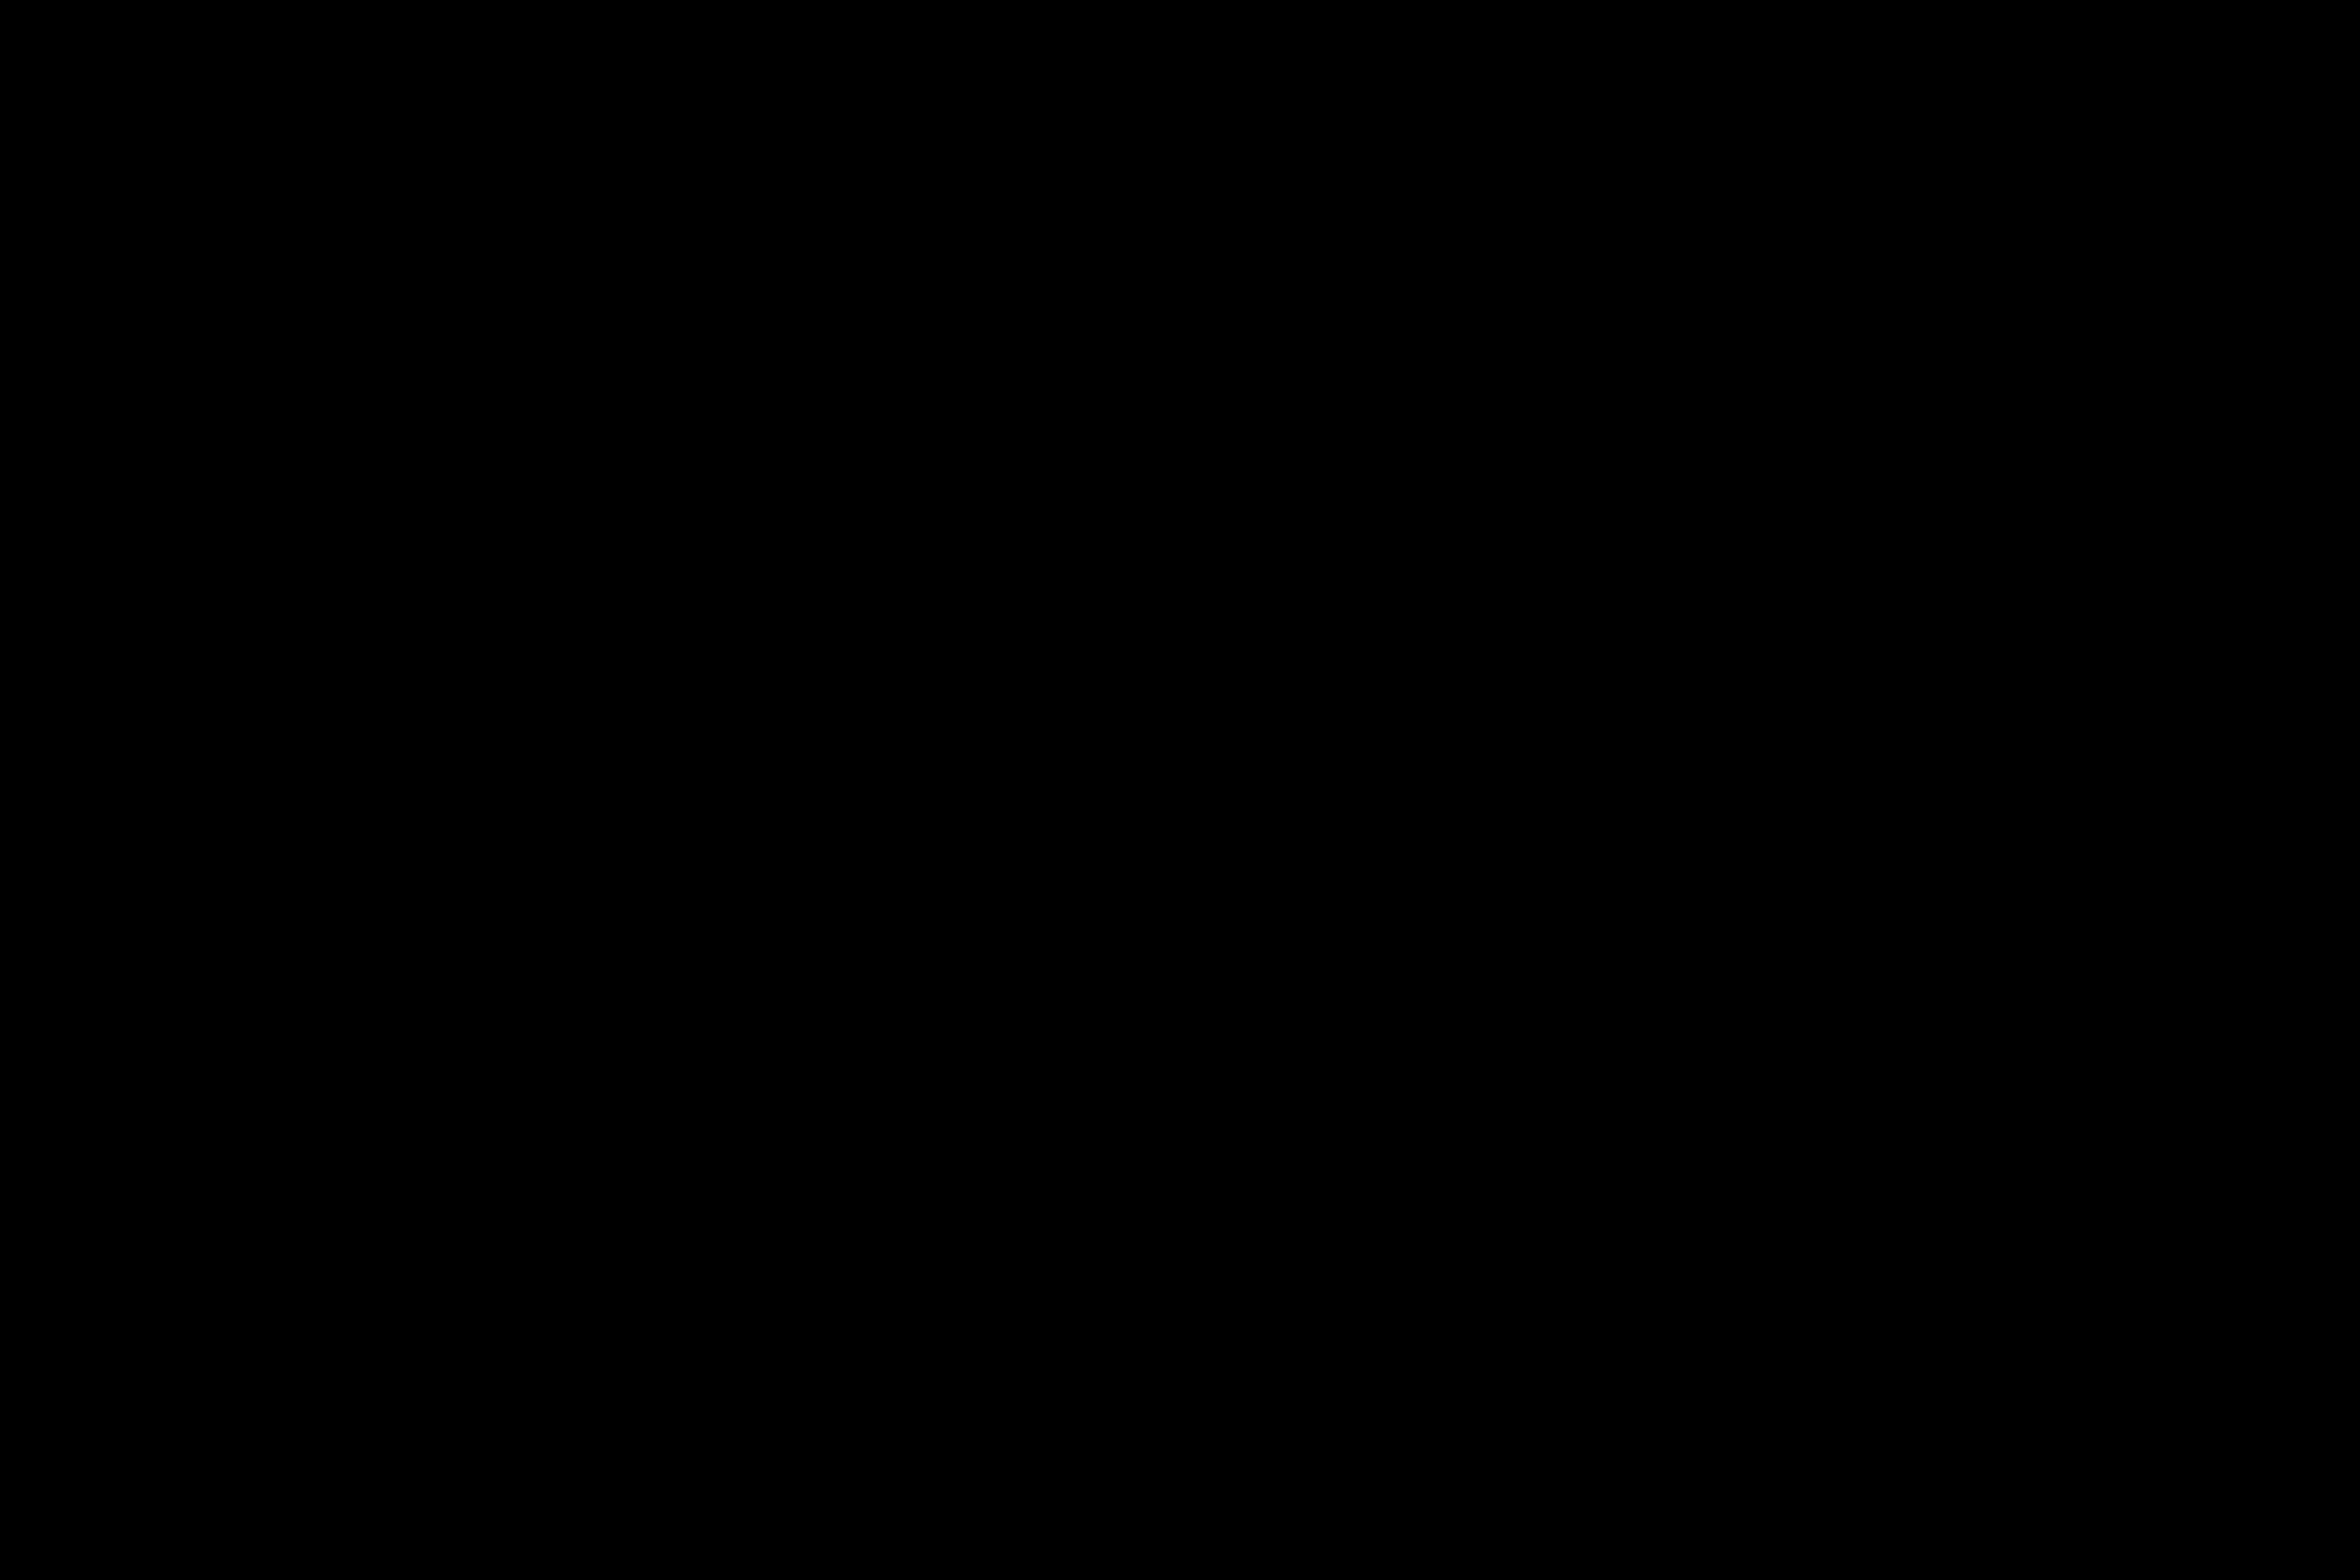 [VÍDEO] Cursos impartidos para el Gobierno de Canarias